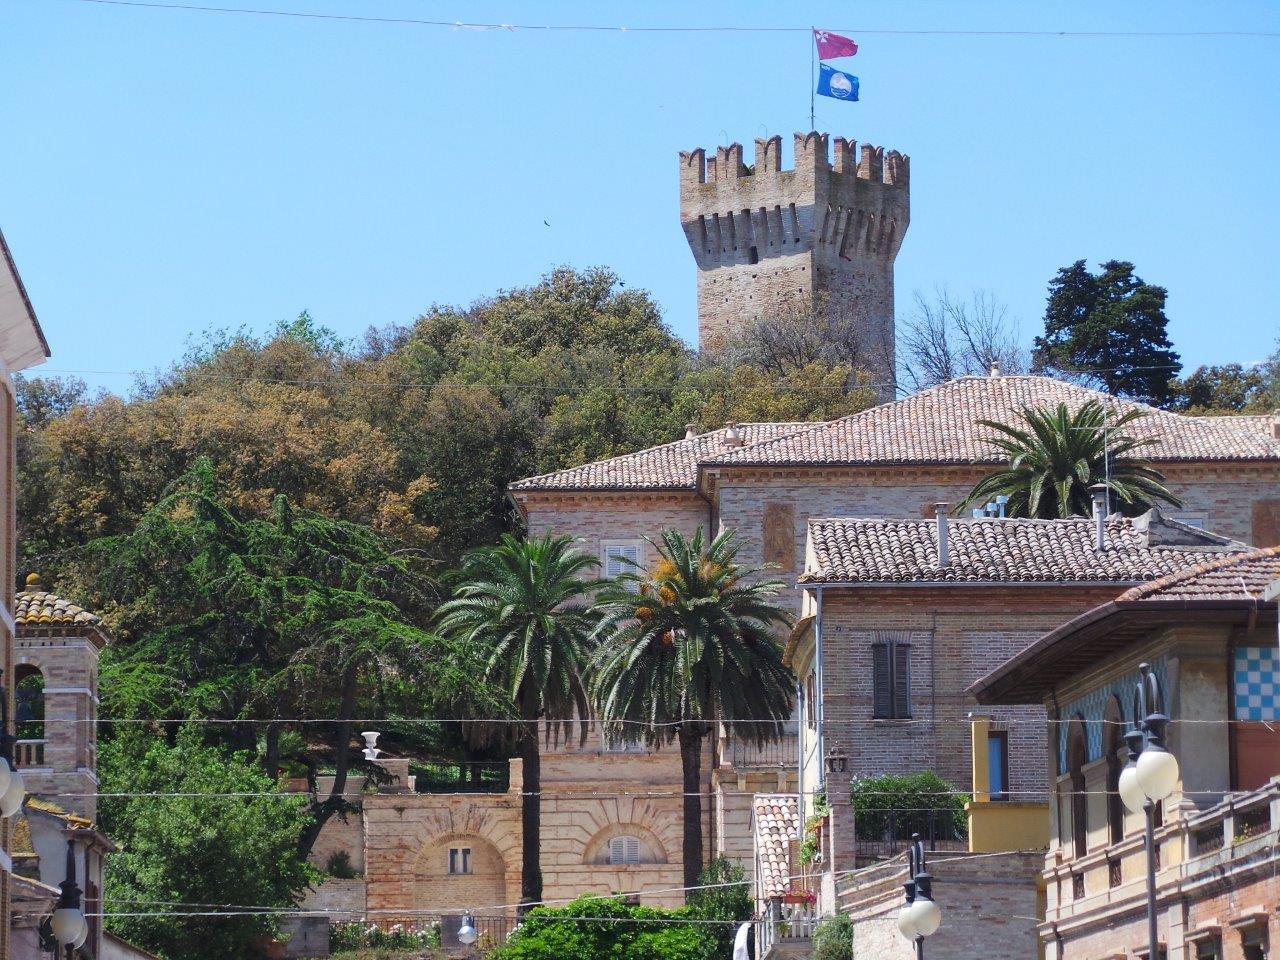 Porto san giorgio festa per i 100 anni di maria rosa vecchiola la - Aran cucine porto san giorgio ...